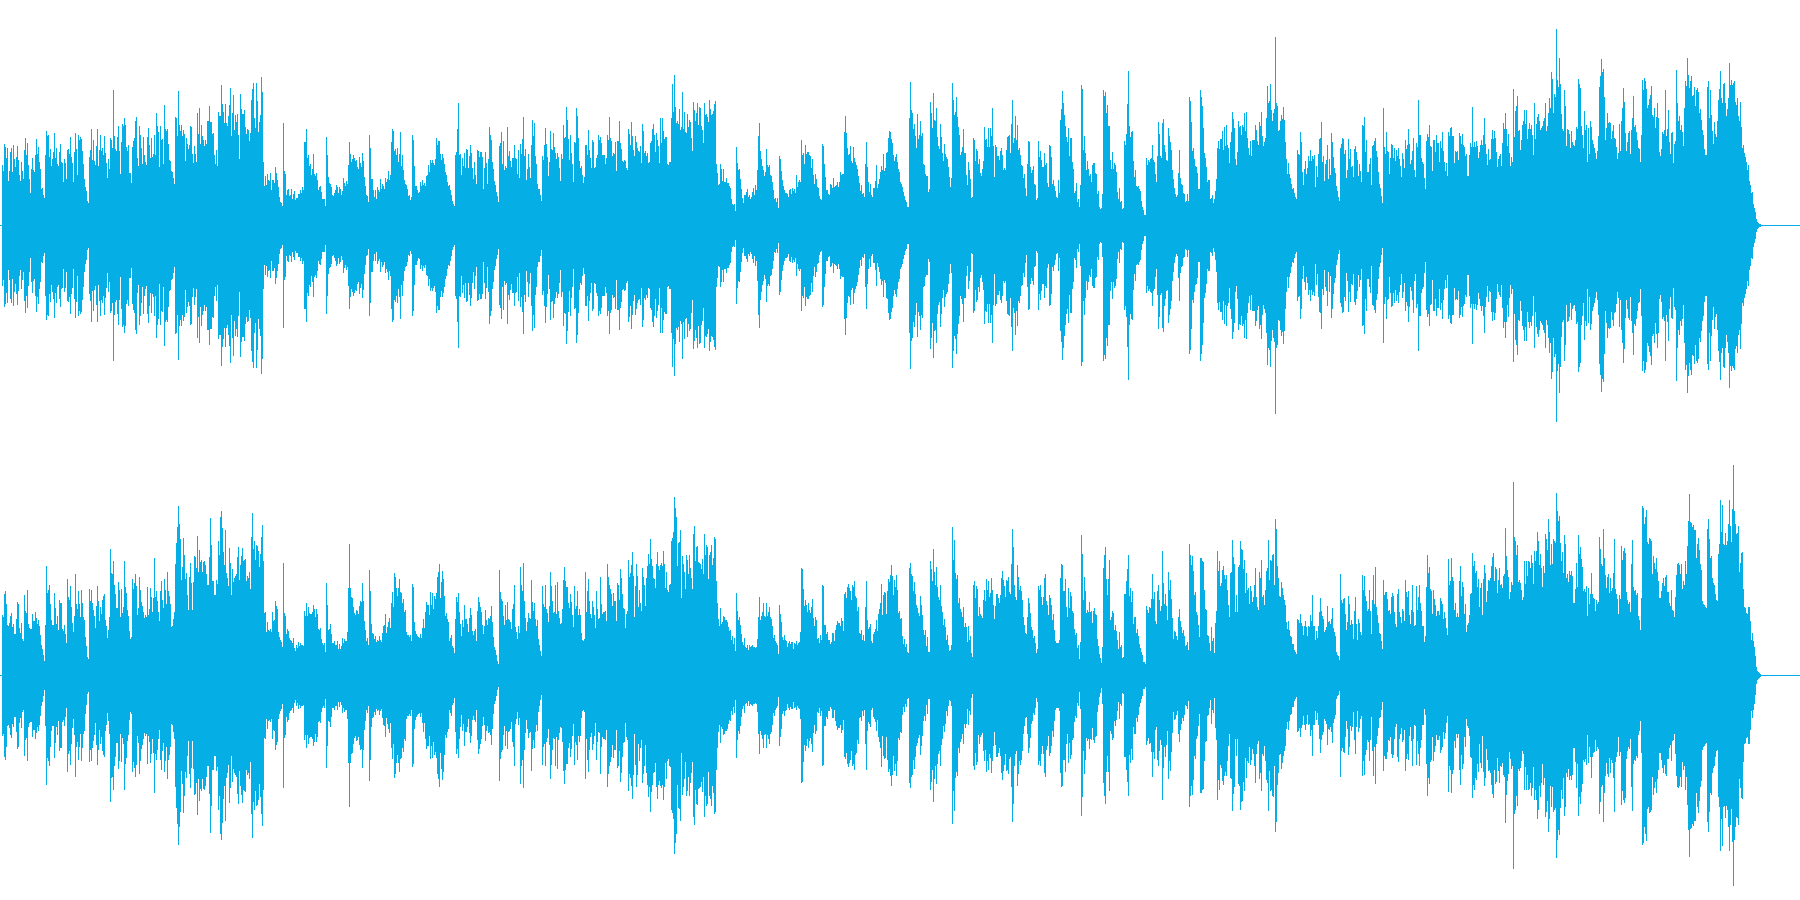 ニューエイジ系 ネイチャー・サウンドの再生済みの波形